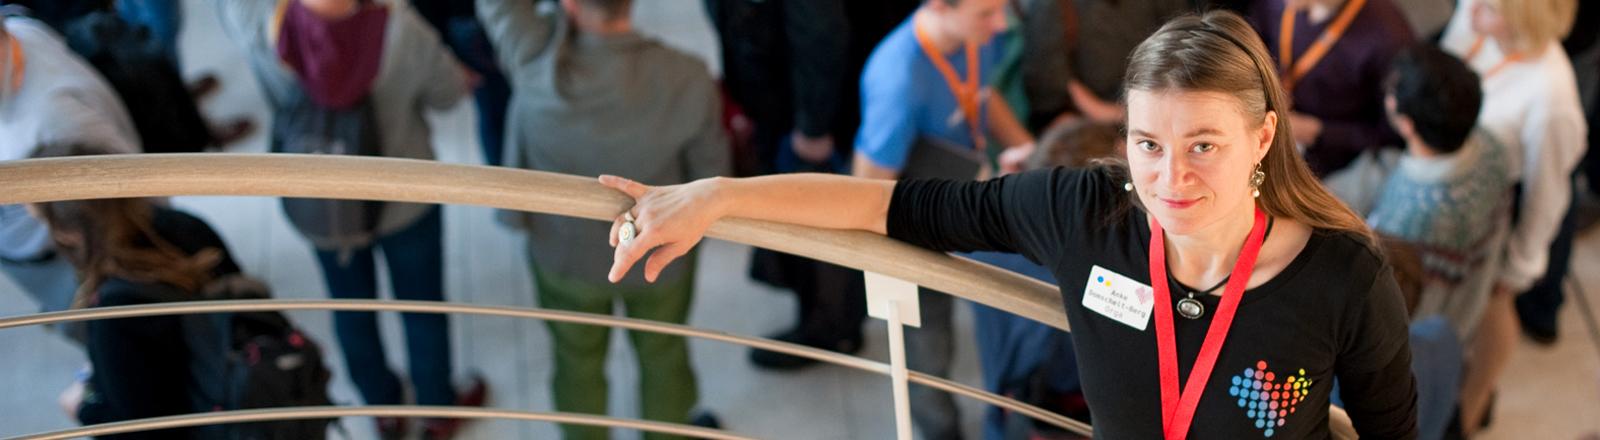 Die Aktivistin Anke Domscheit-Berg auf dem Refugee Hackathon.